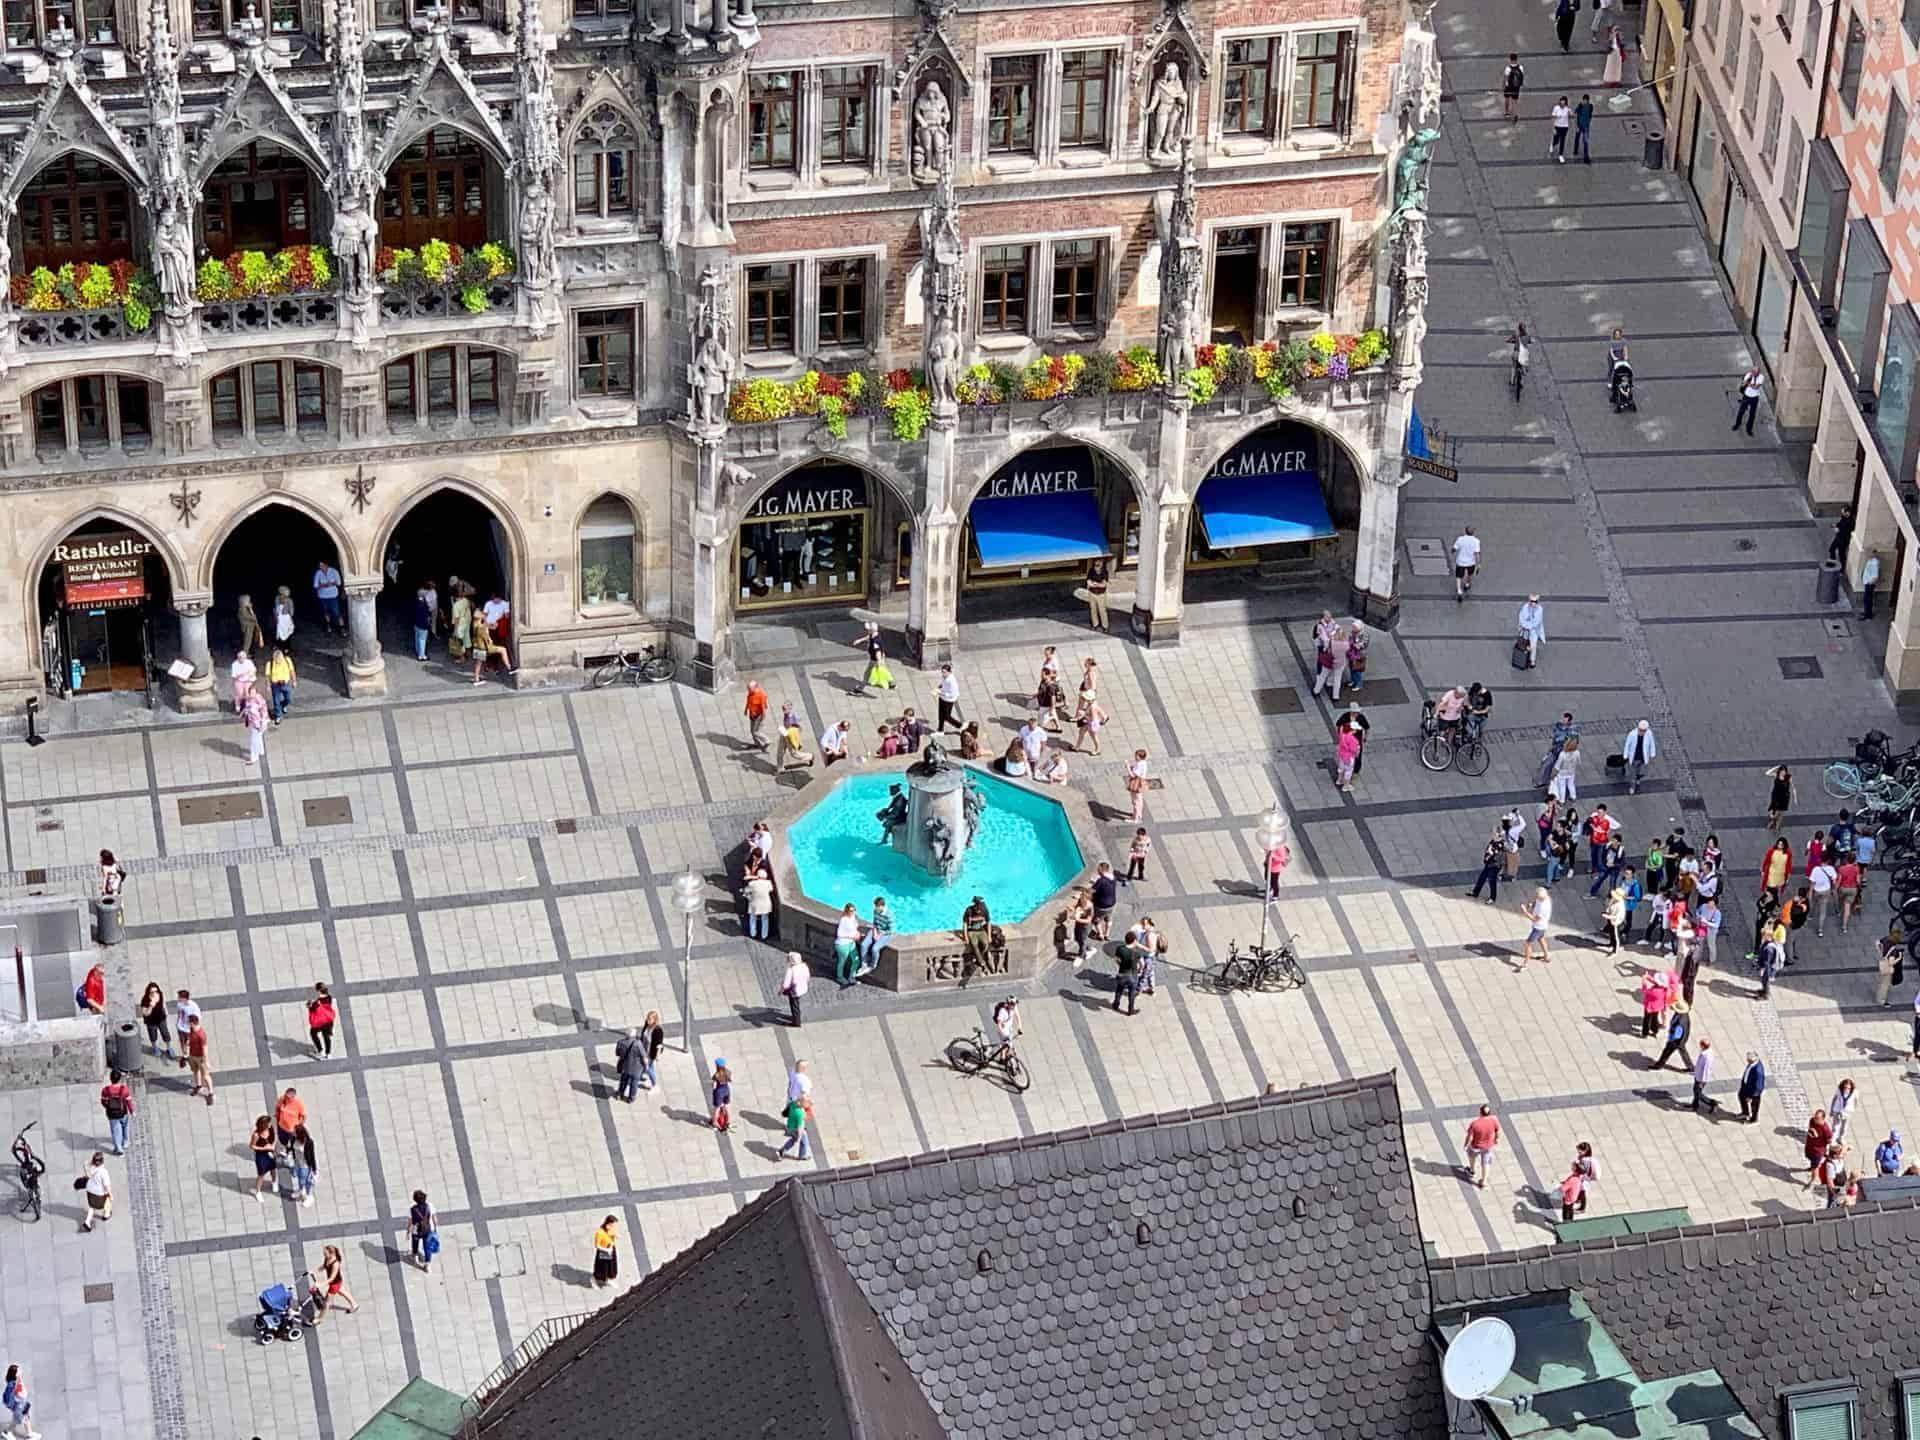 München_Marienplatz_Fischbrunnen